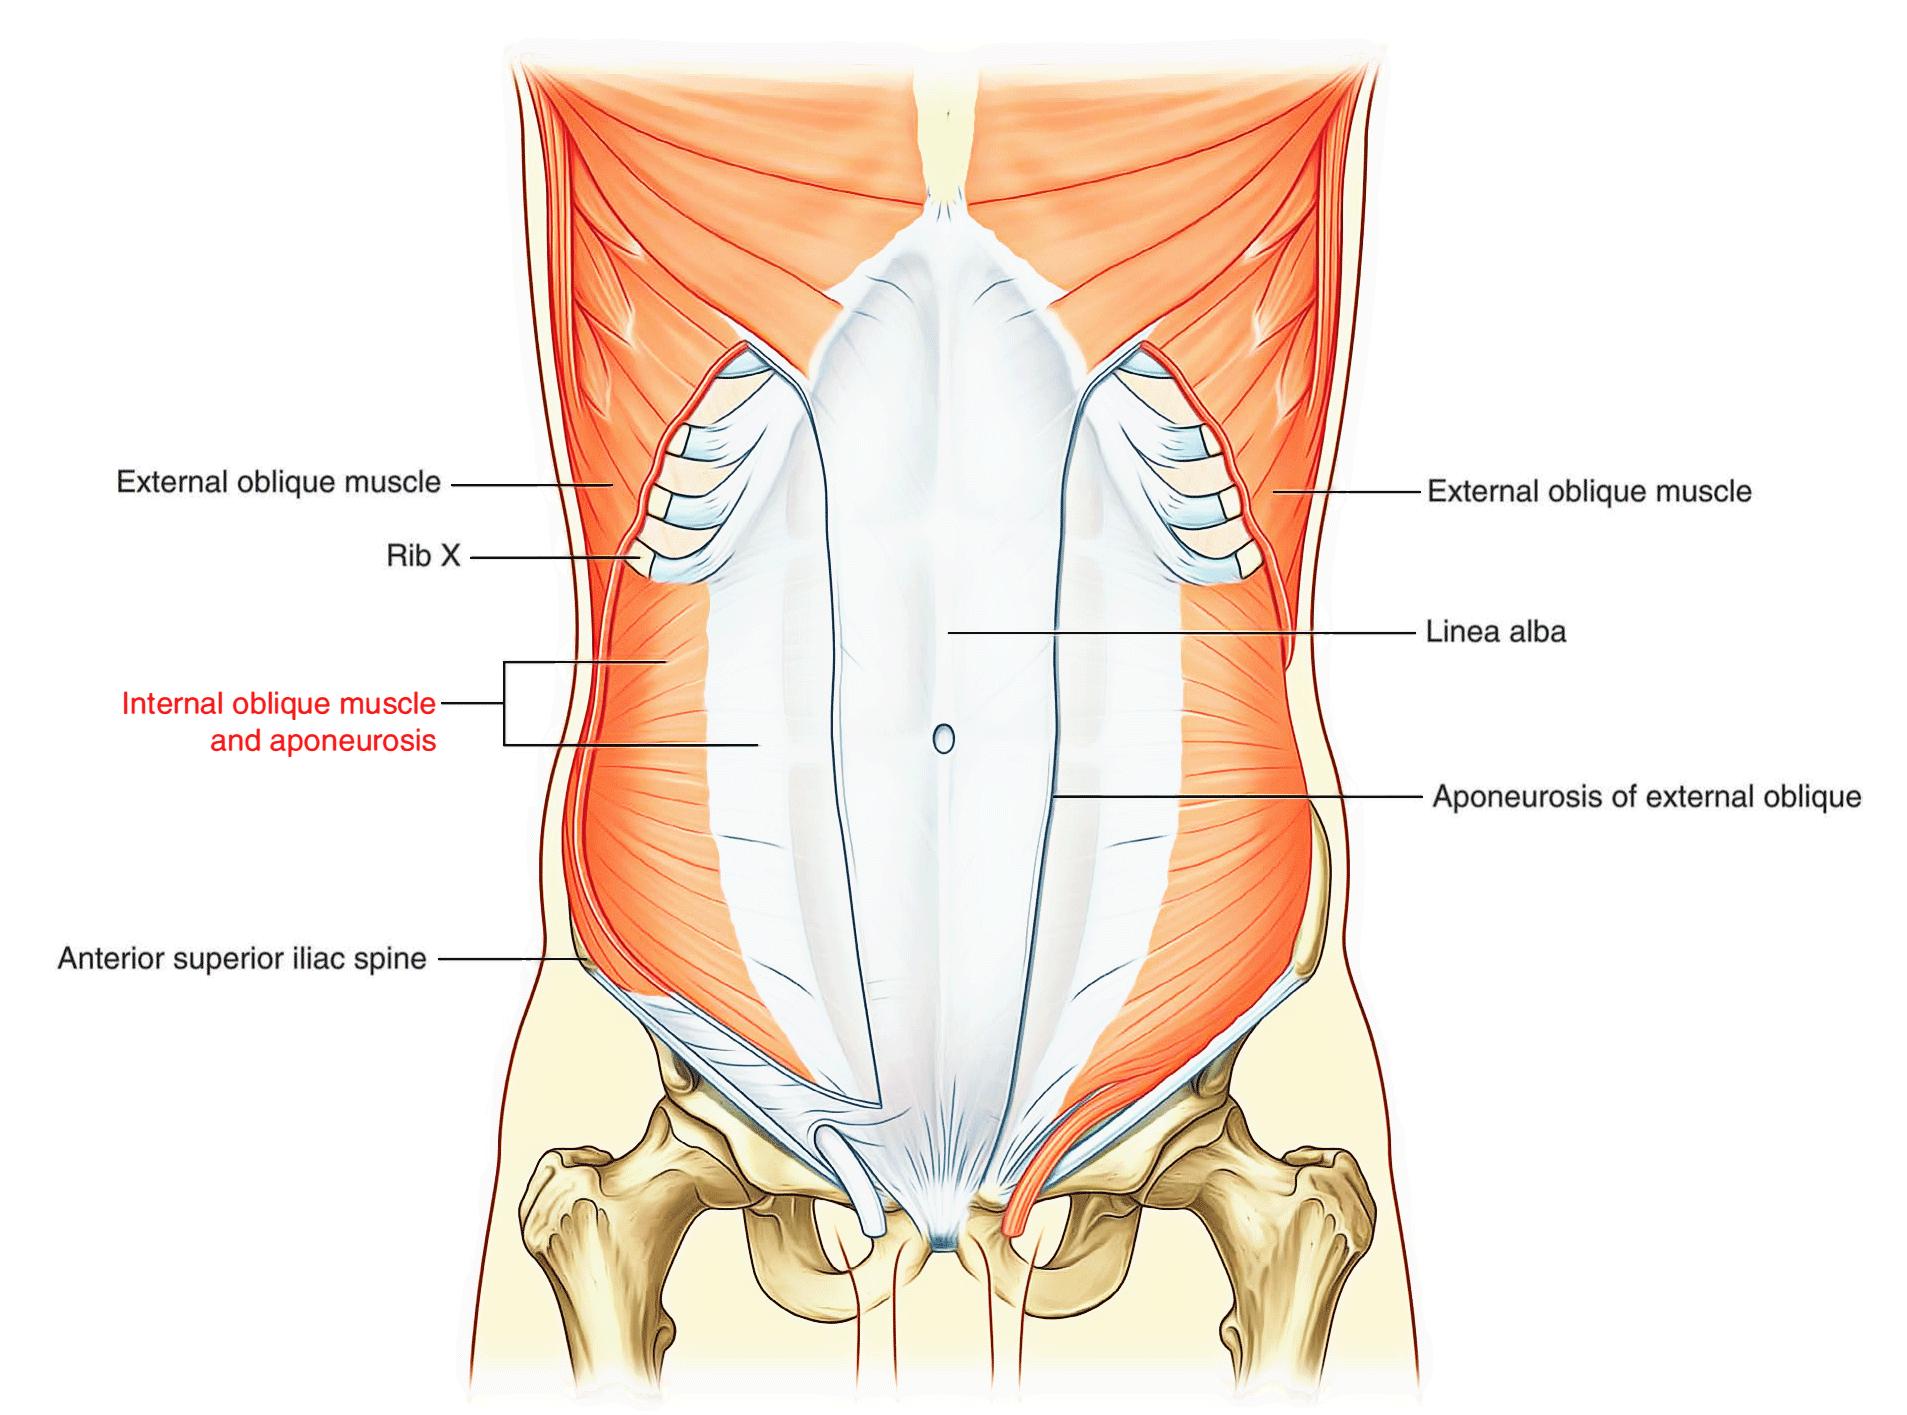 hight resolution of internal oblique